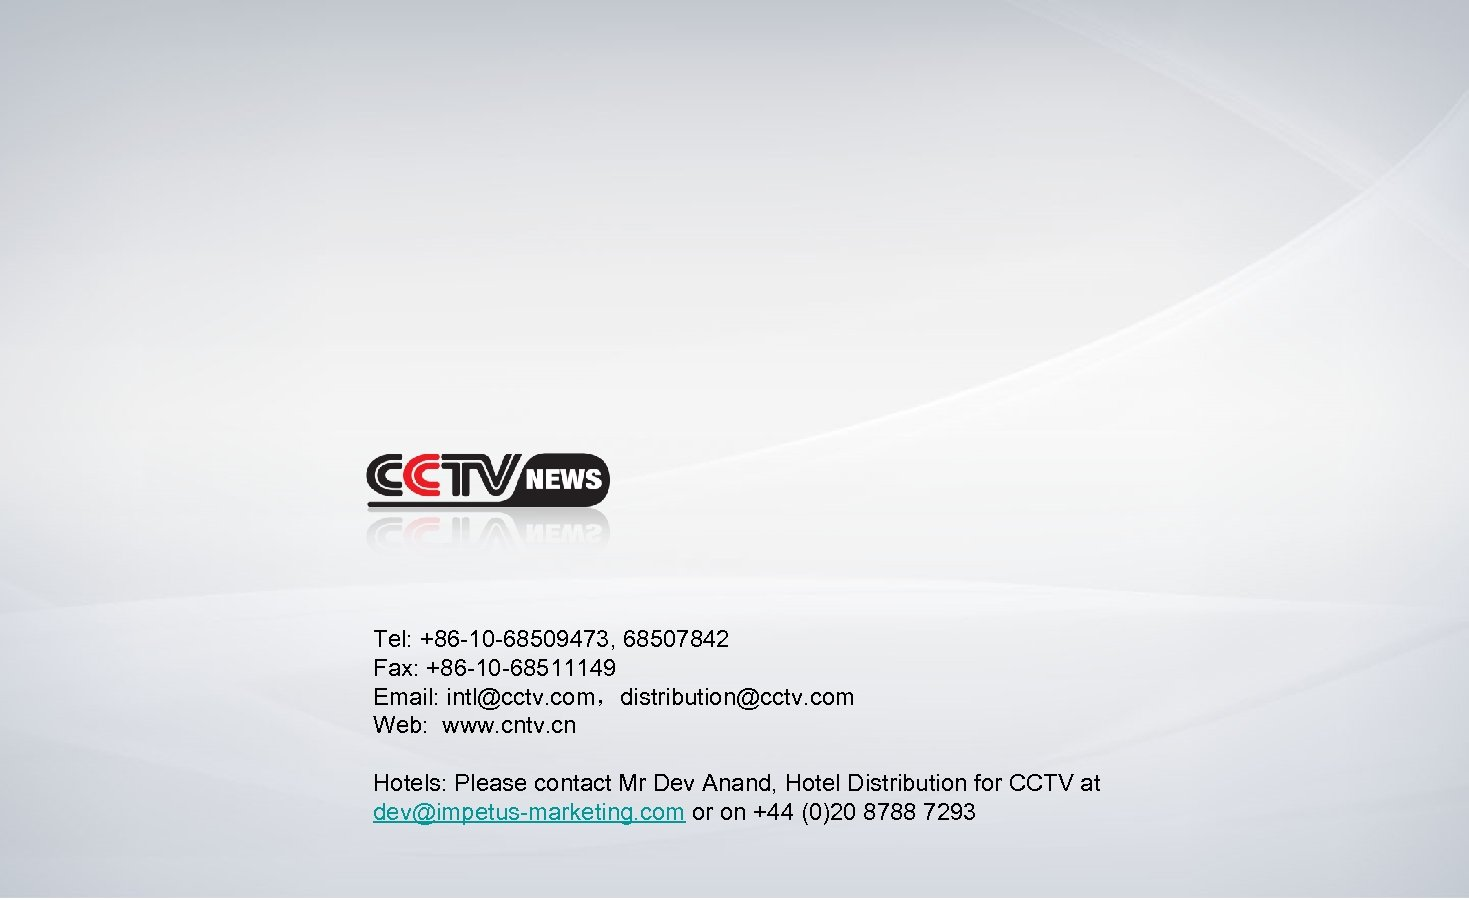 Tel: +86 -10 -68509473, 68507842 Fax: +86 -10 -68511149 Email: intl@cctv. com,distribution@cctv. com Web: